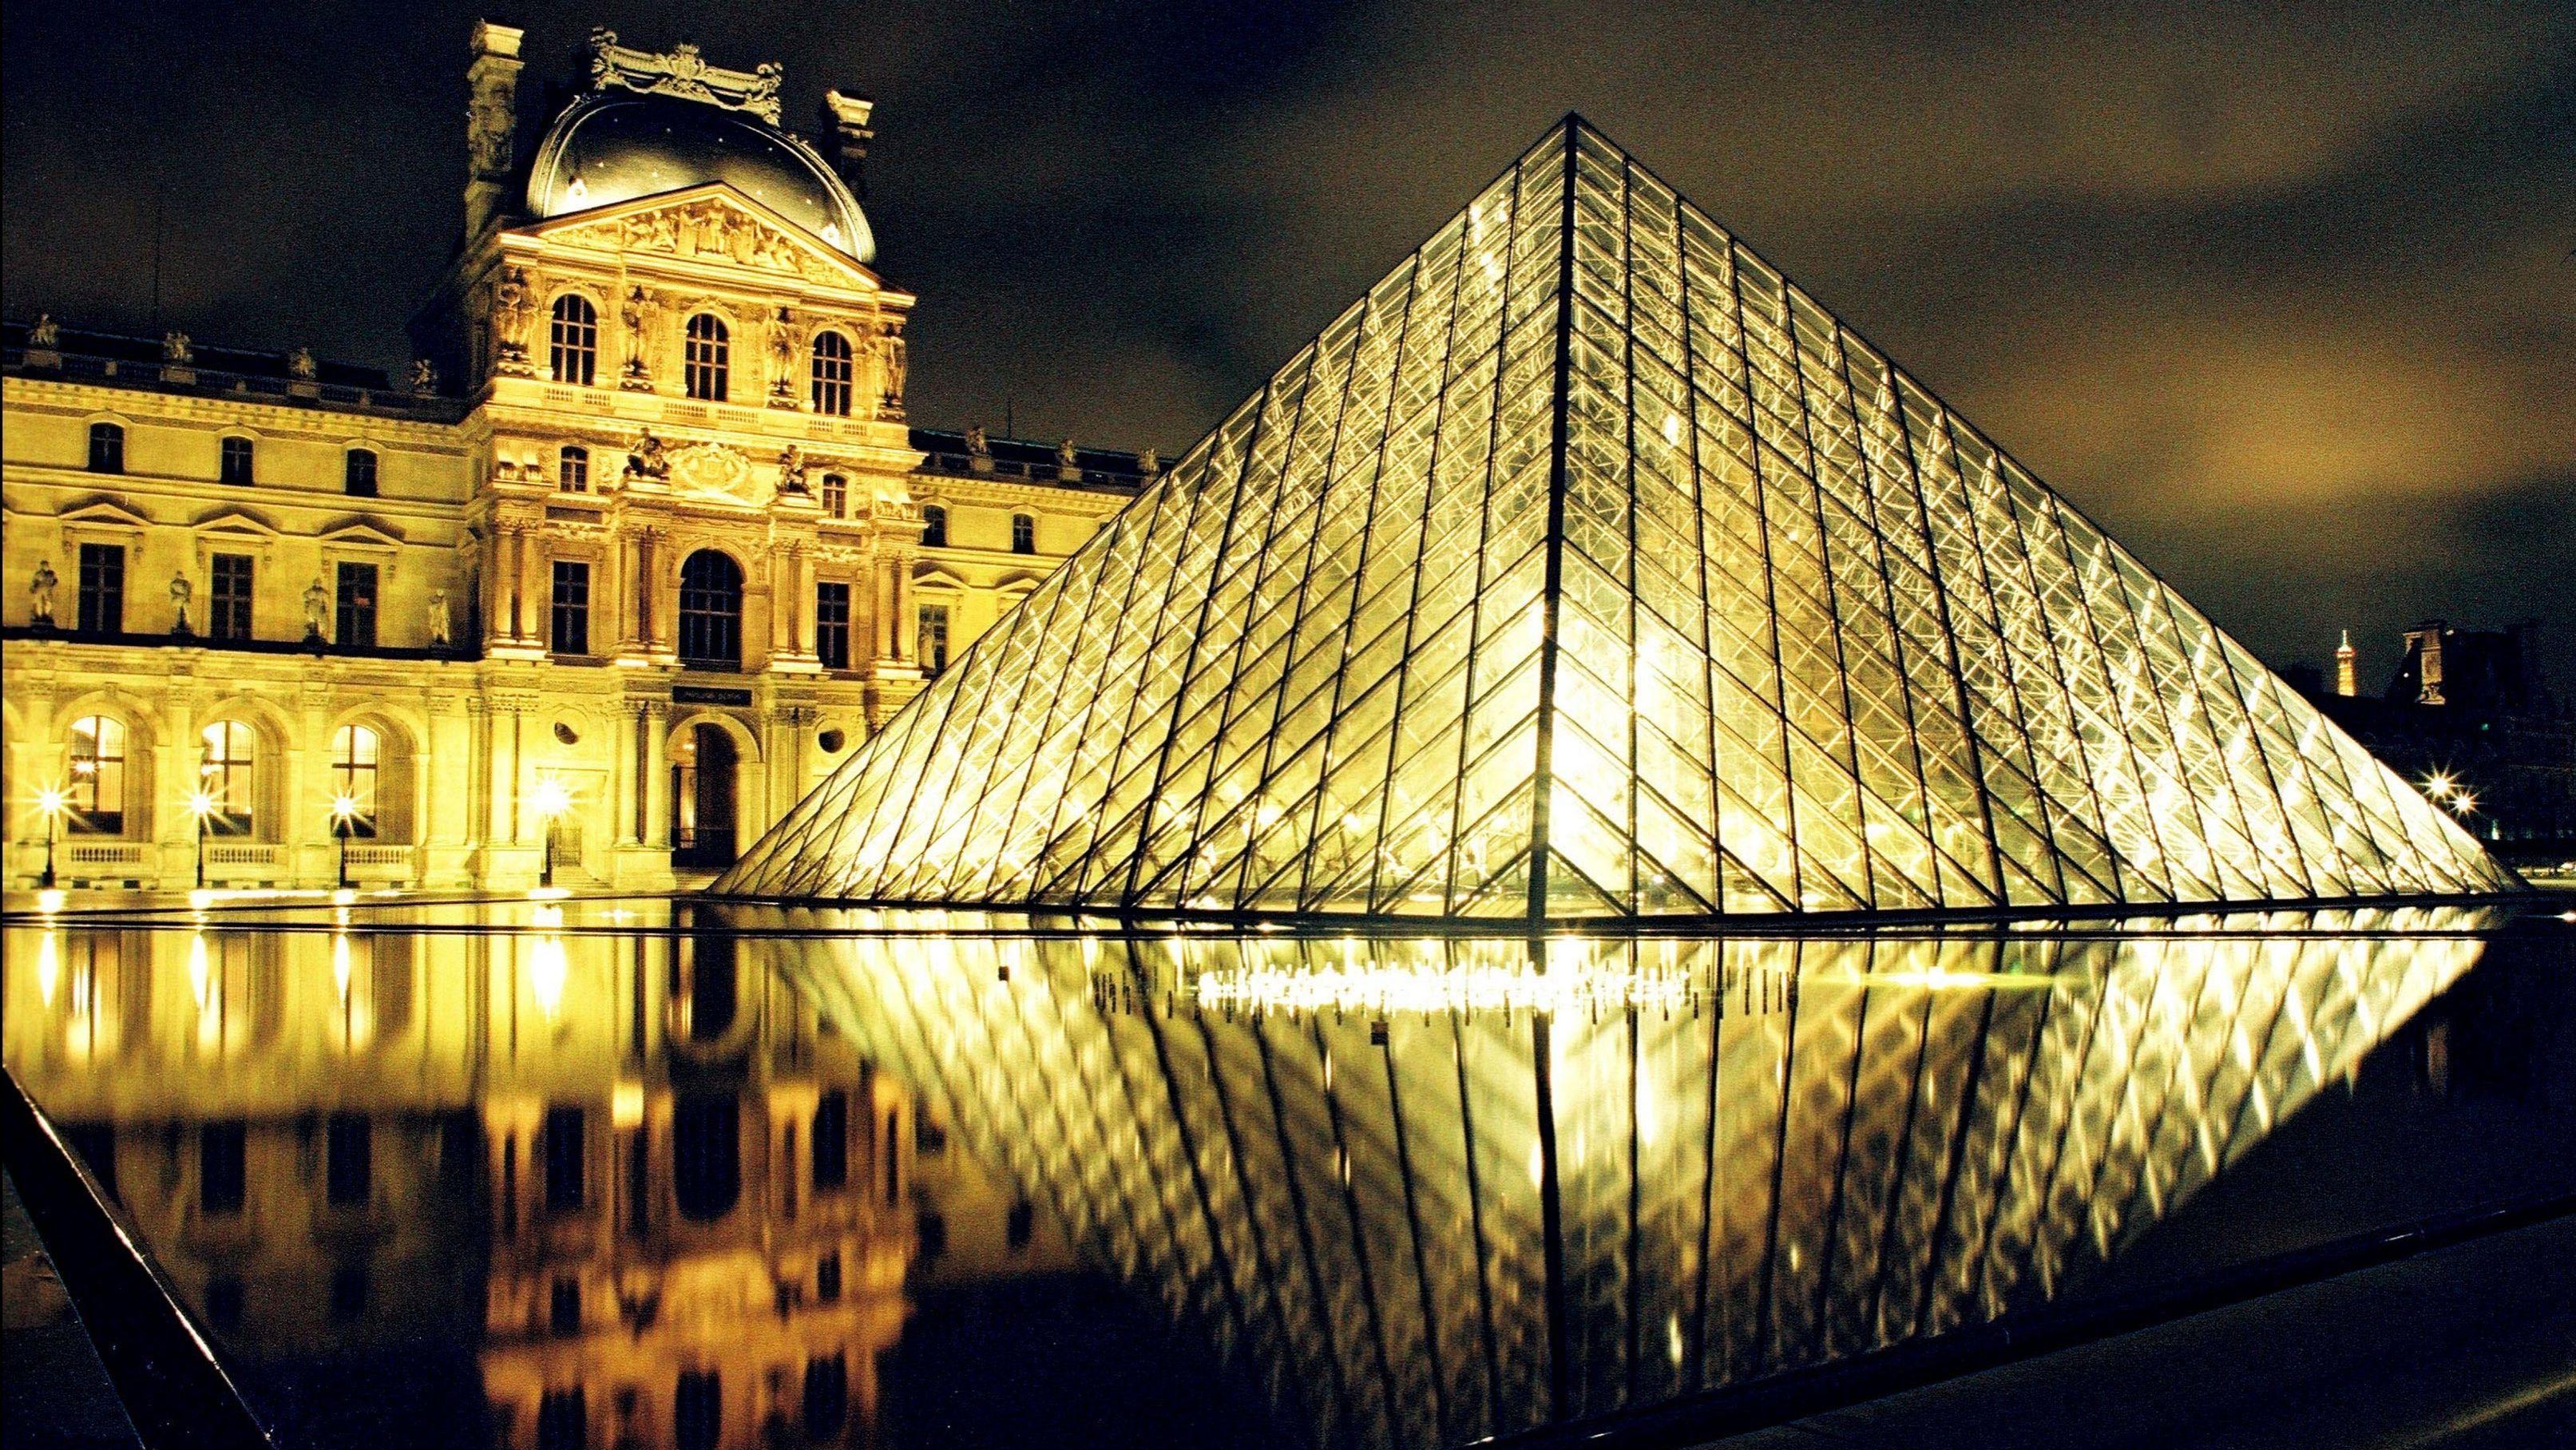 Louvre und Pyramide von I. M. Pei